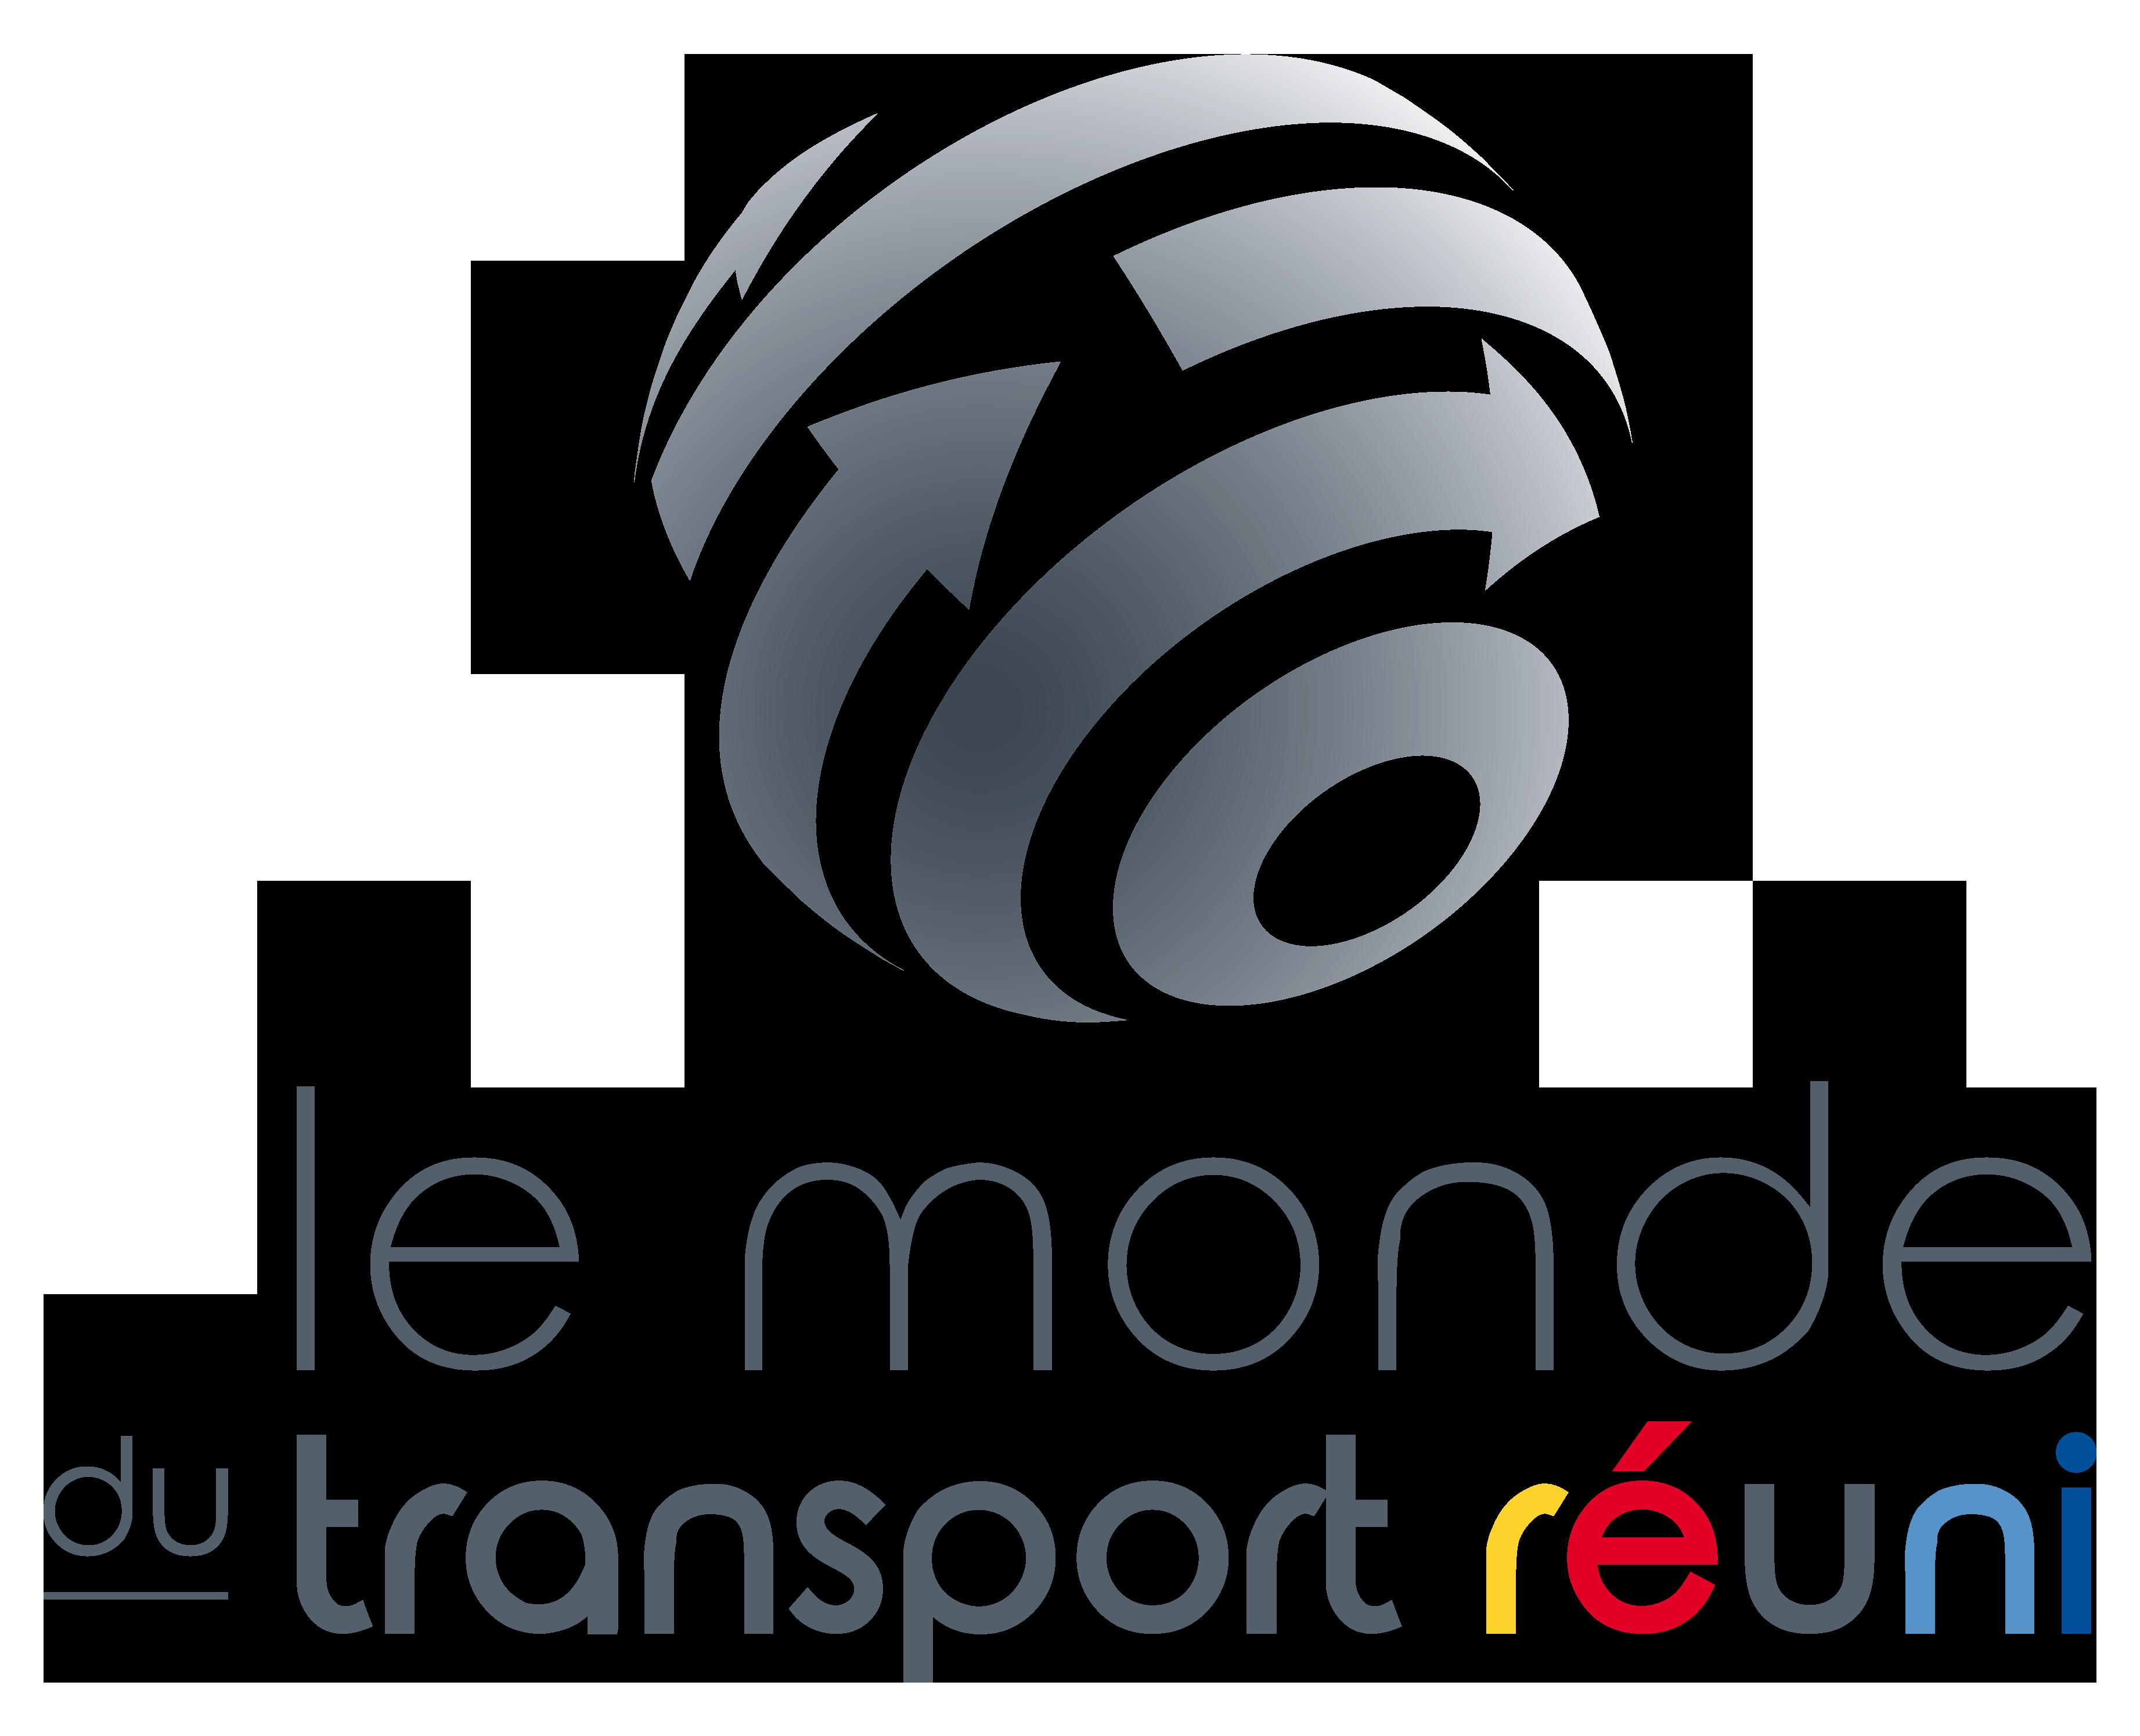 Logo Le Monde du Transport Réuni